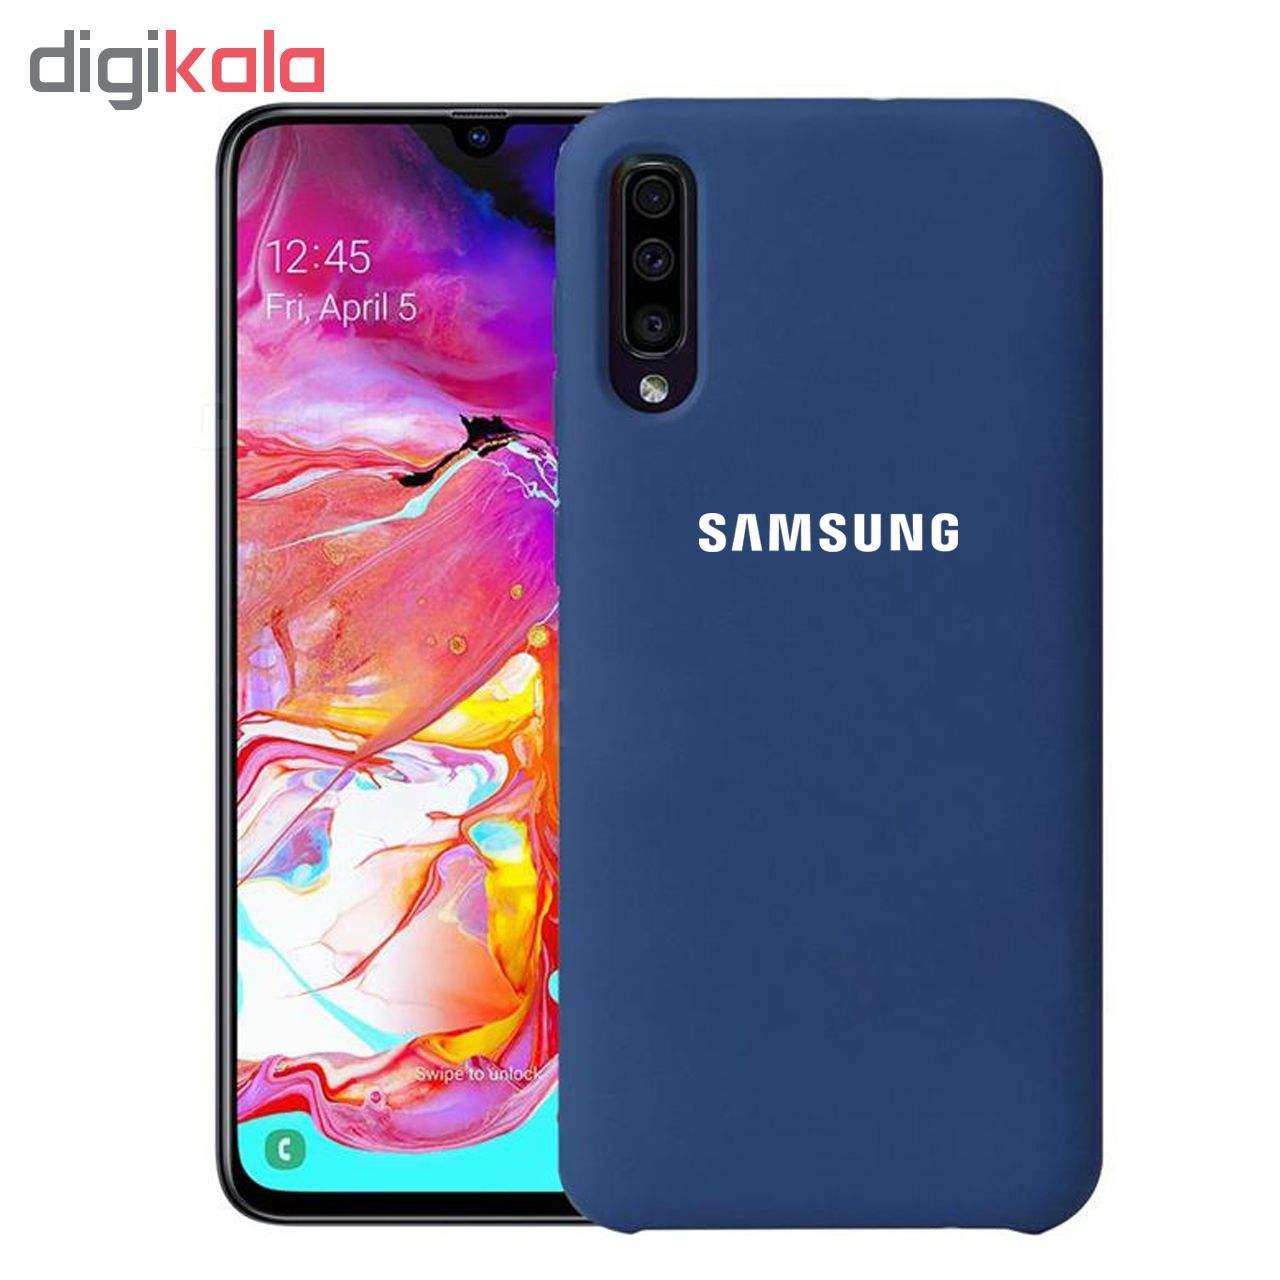 کاور سیلیکونی مدل Silky soft-touch مناسب برای گوشی موبایل سامسونگ Galaxy A70